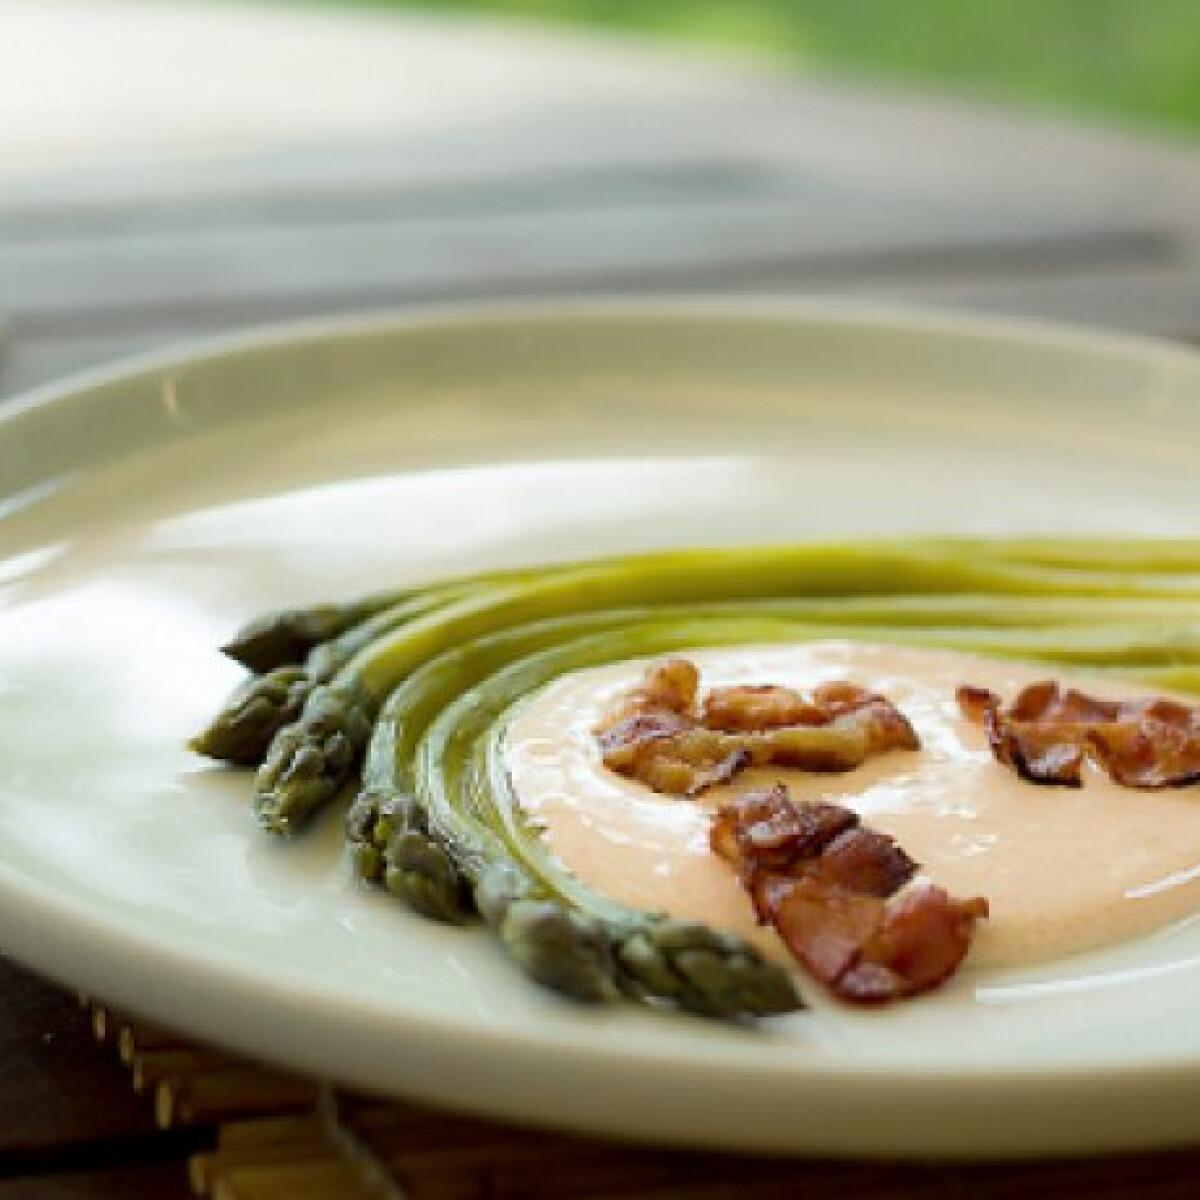 Zöldspárga csípős citromos-tejfölös mártással